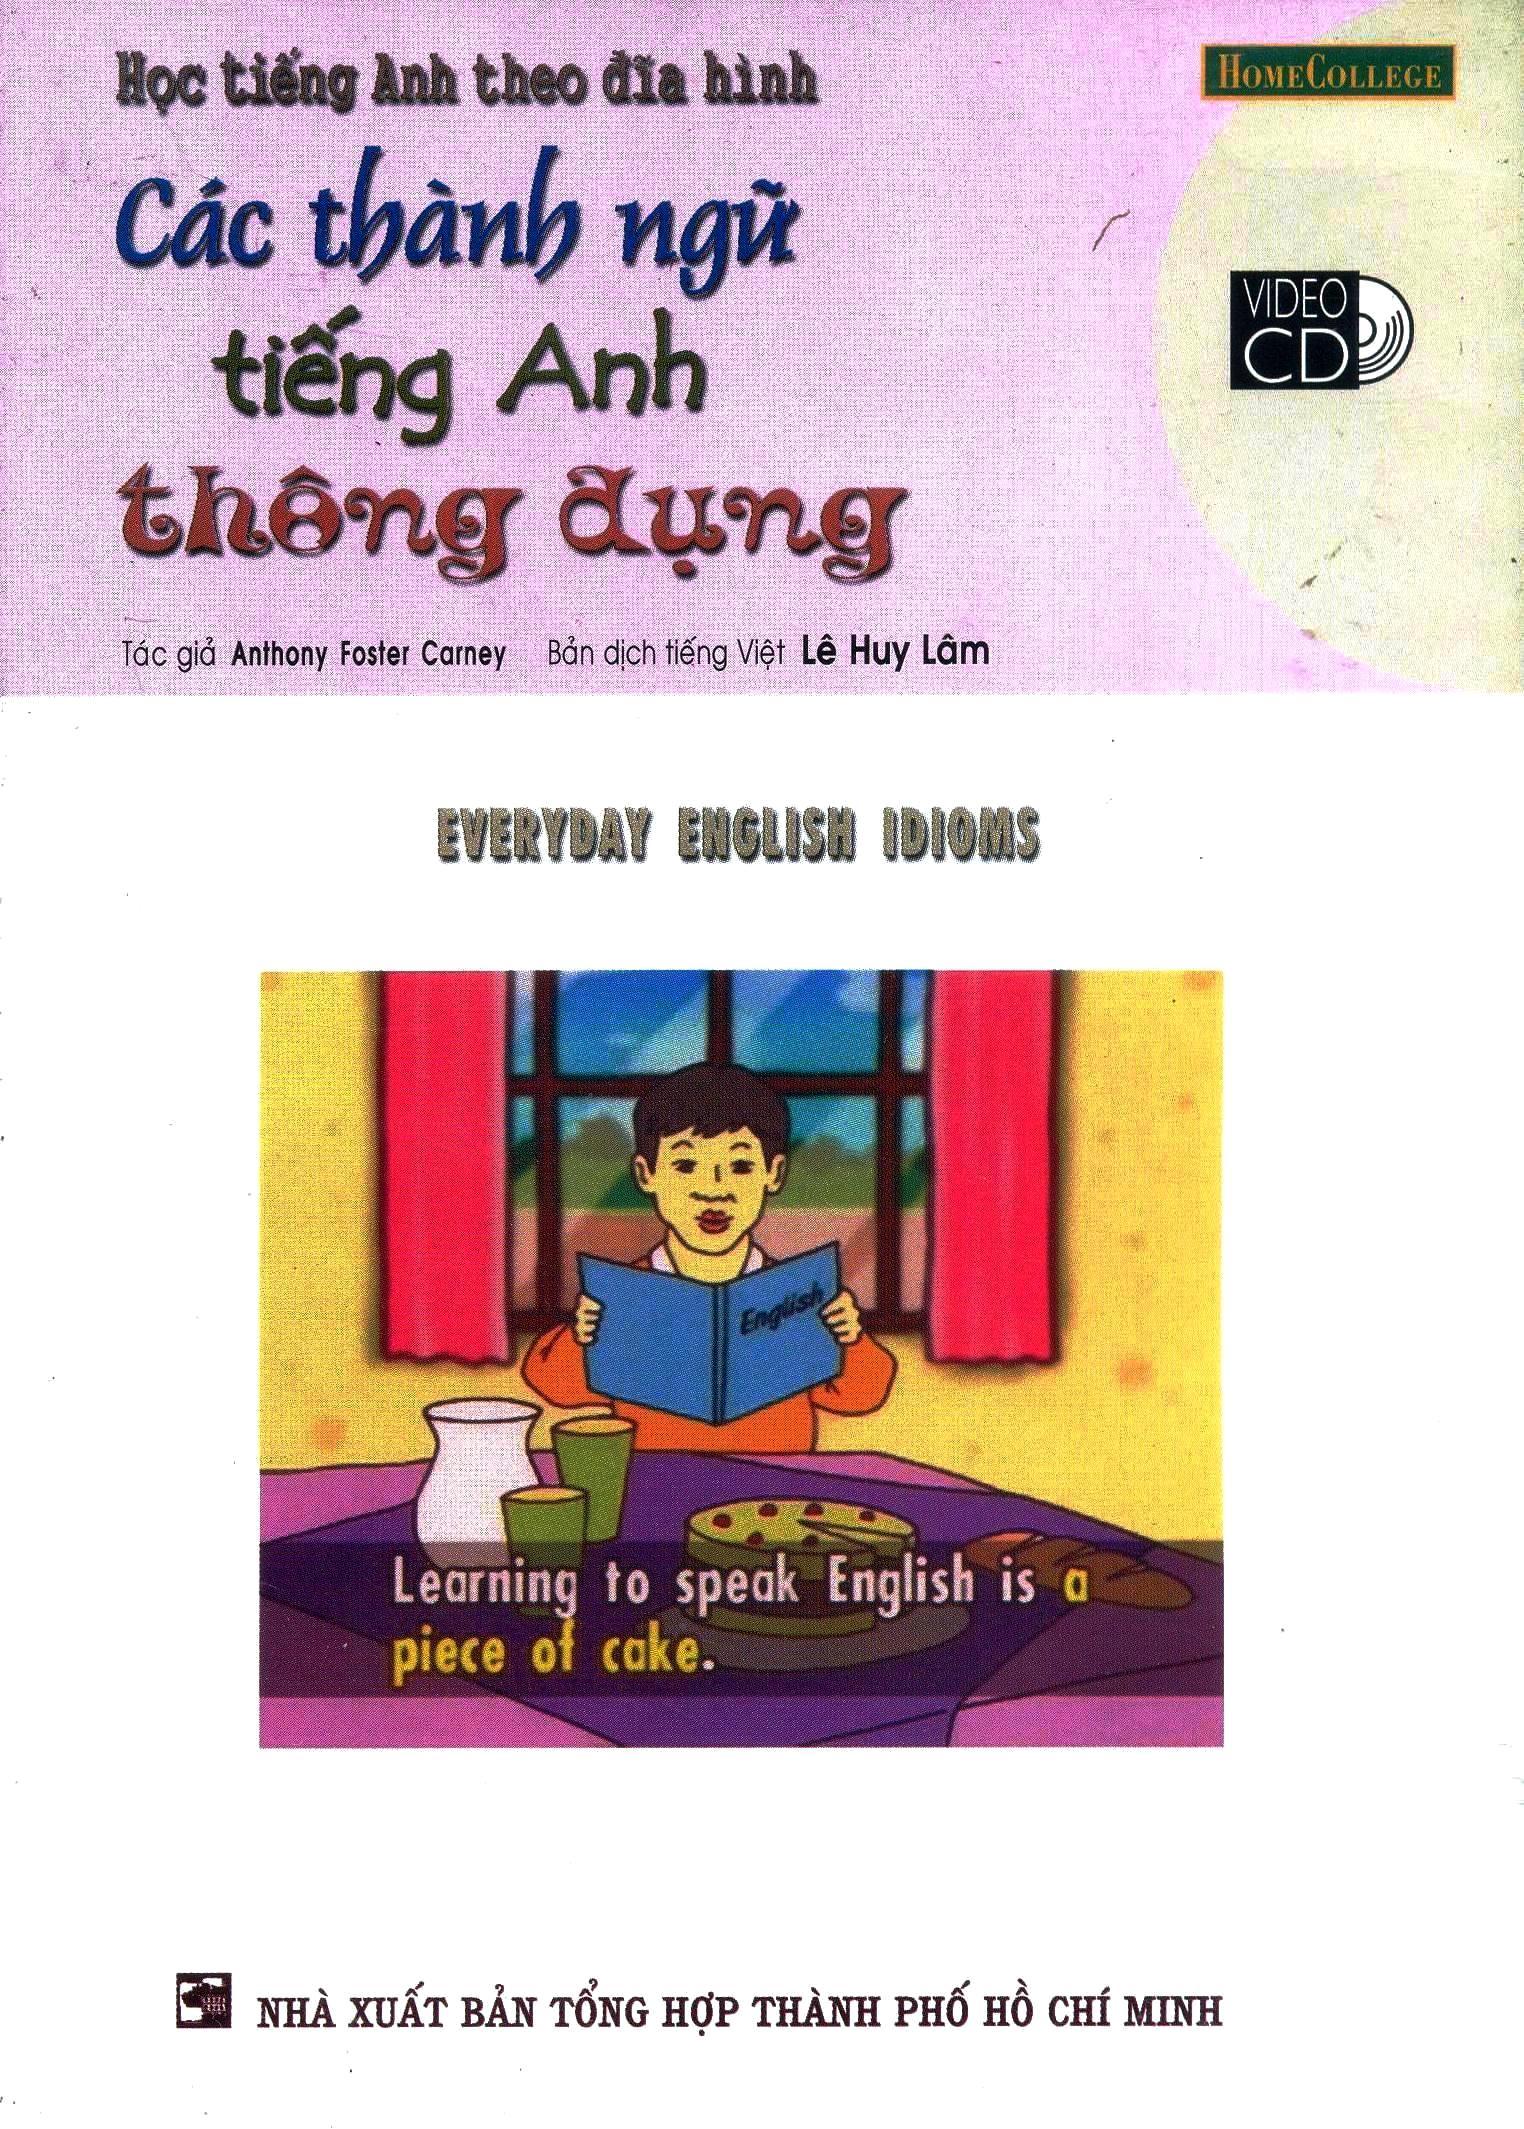 Học Tiếng Anh Theo Đĩa Hình - Các Thành Ngữ Tiếng Anh Thông Dụng (Kèm 1 VCD) - Tái bản 09/2006